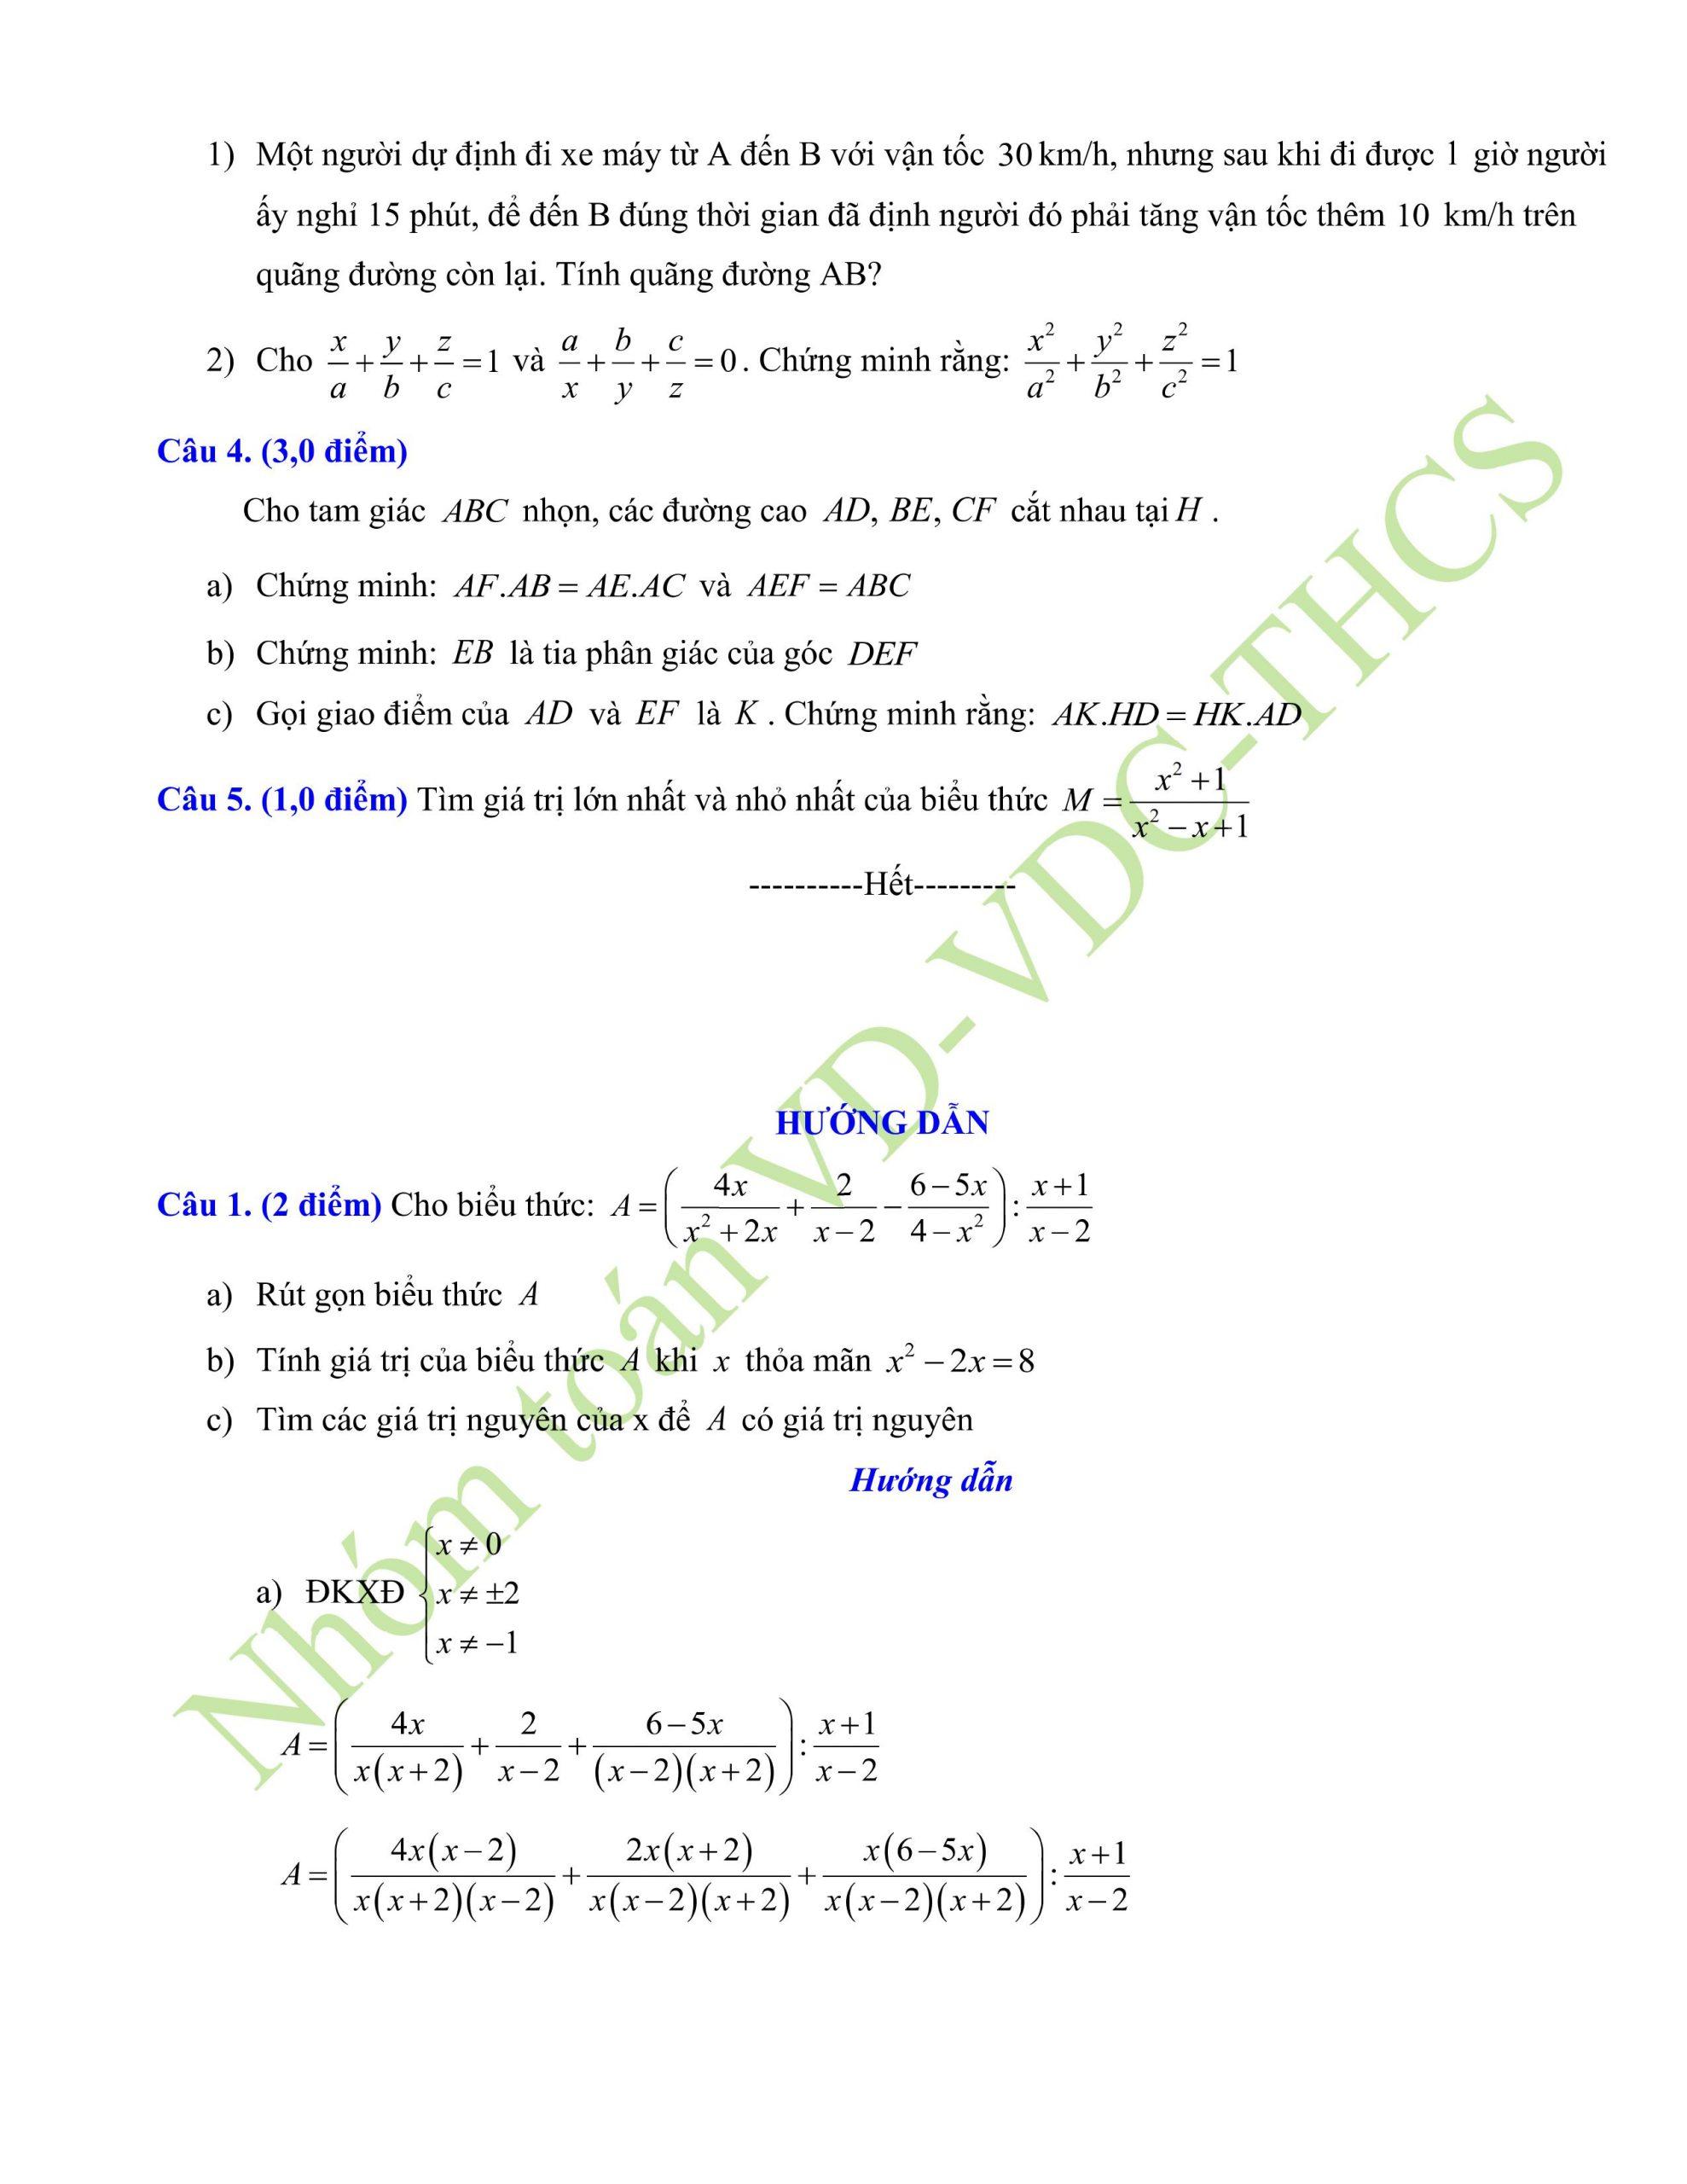 29+ đề thi giữa hk2 toán 8có lời giải để ôn tập chuẩn nhất